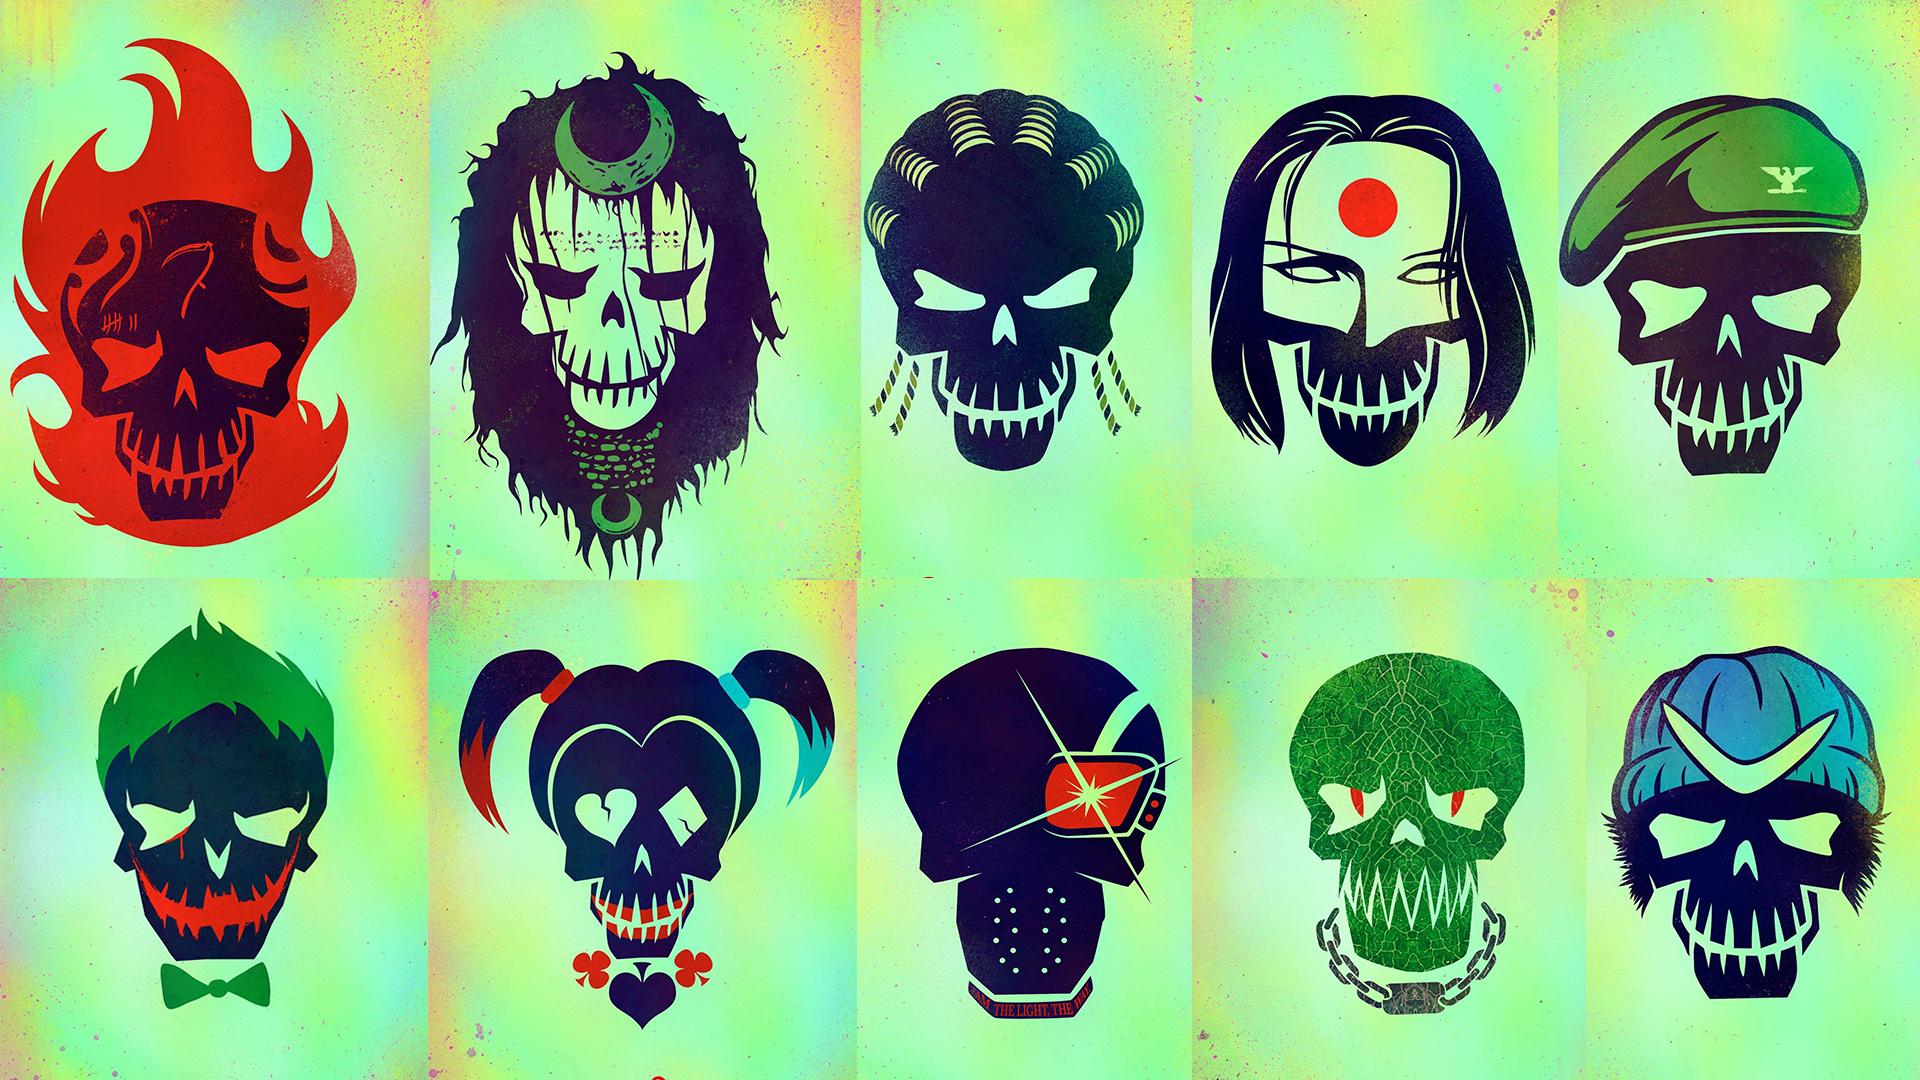 Suicide Squad Wallpaper 61382 1920x1080px 1920x1080